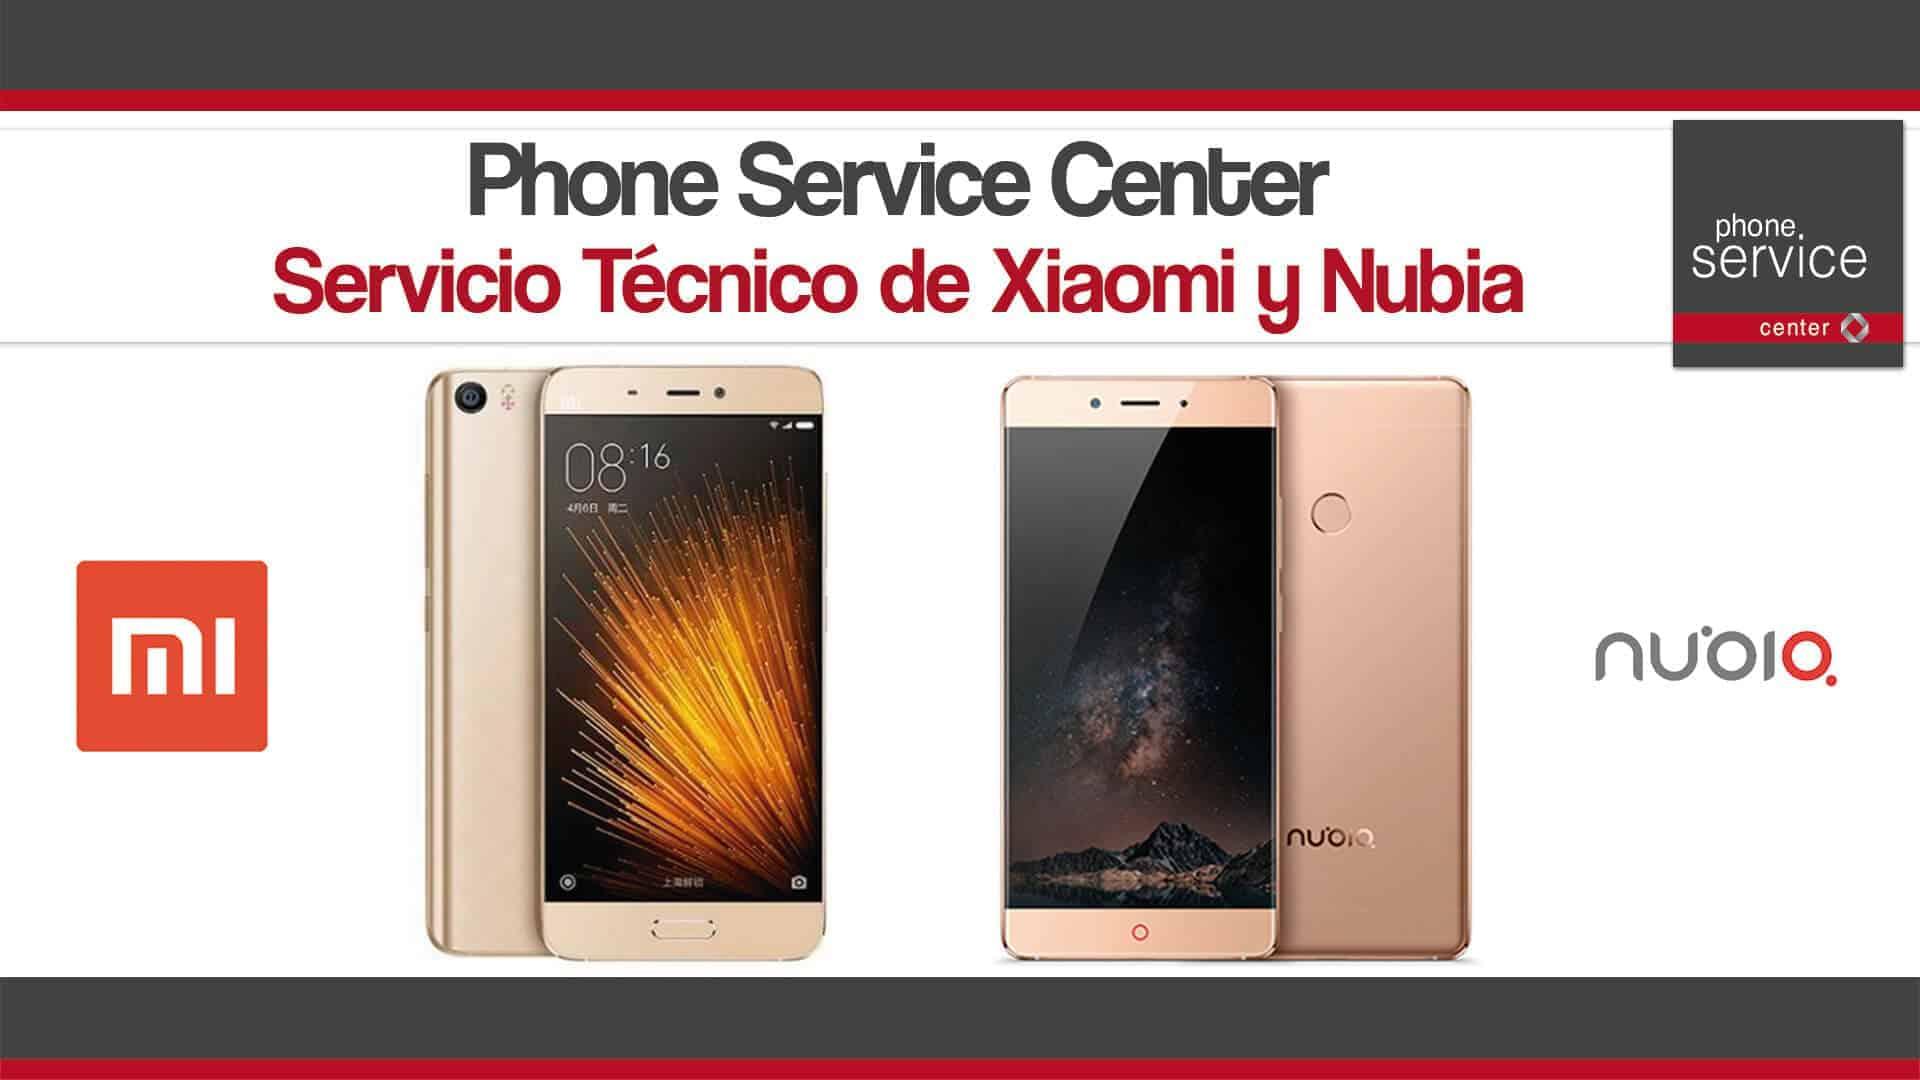 Servicio Tecnico de Xiaomi y Nubia